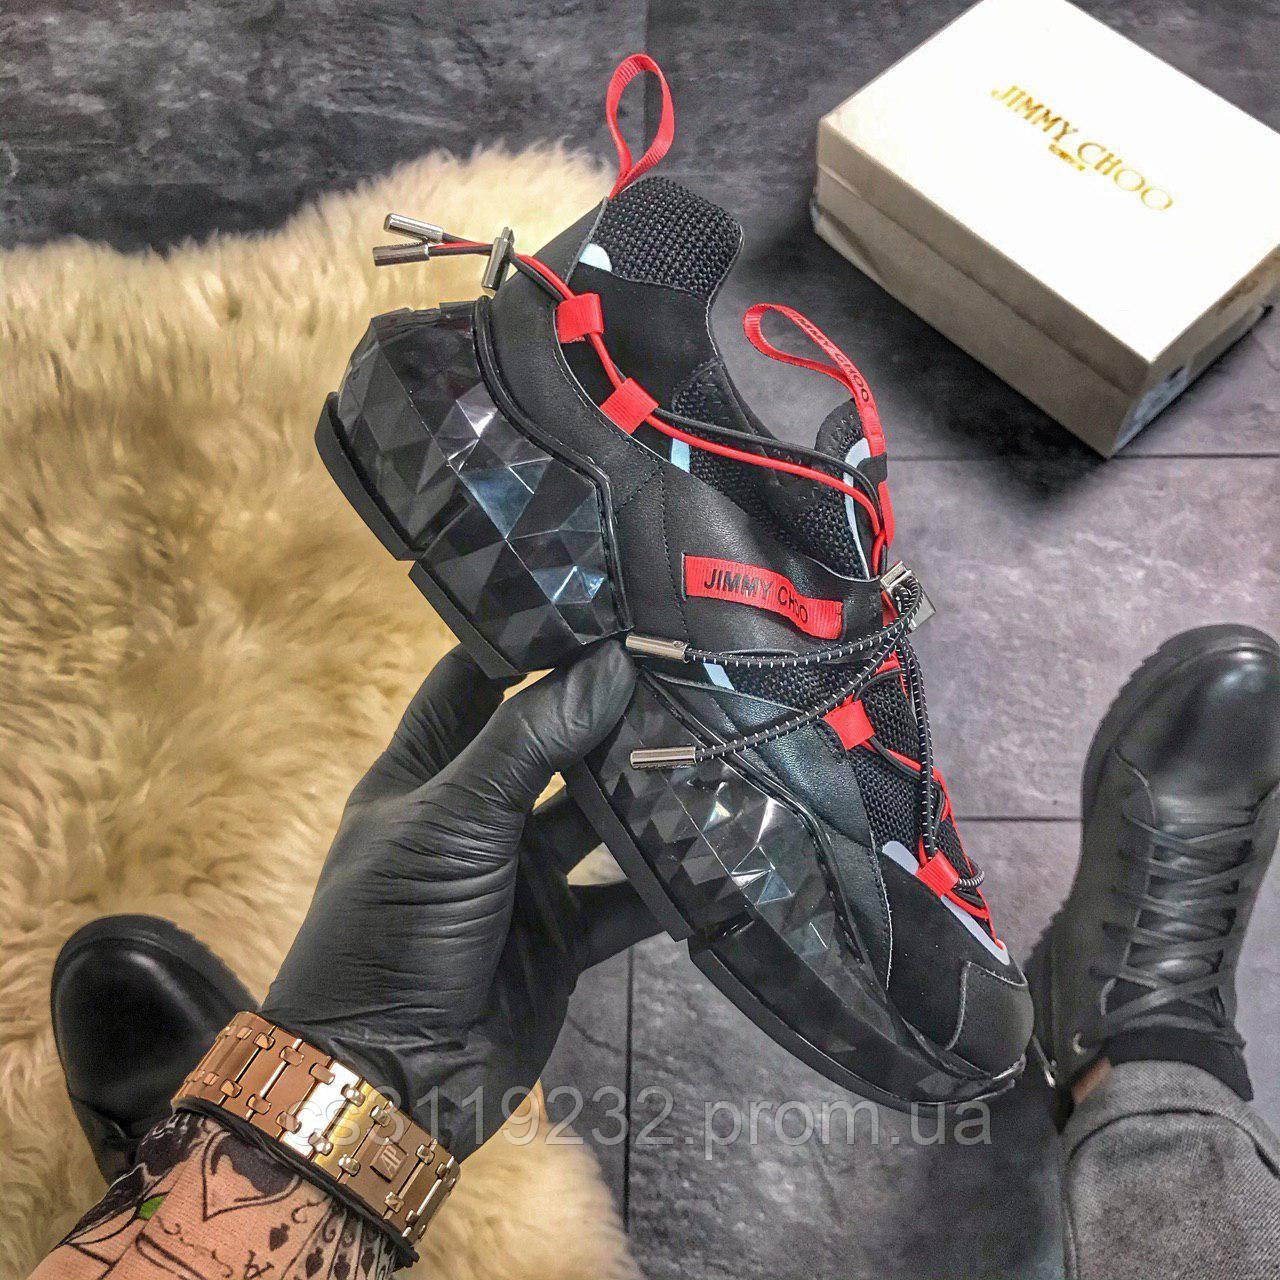 Жіночі кросівки Jimmy Choo Black Red